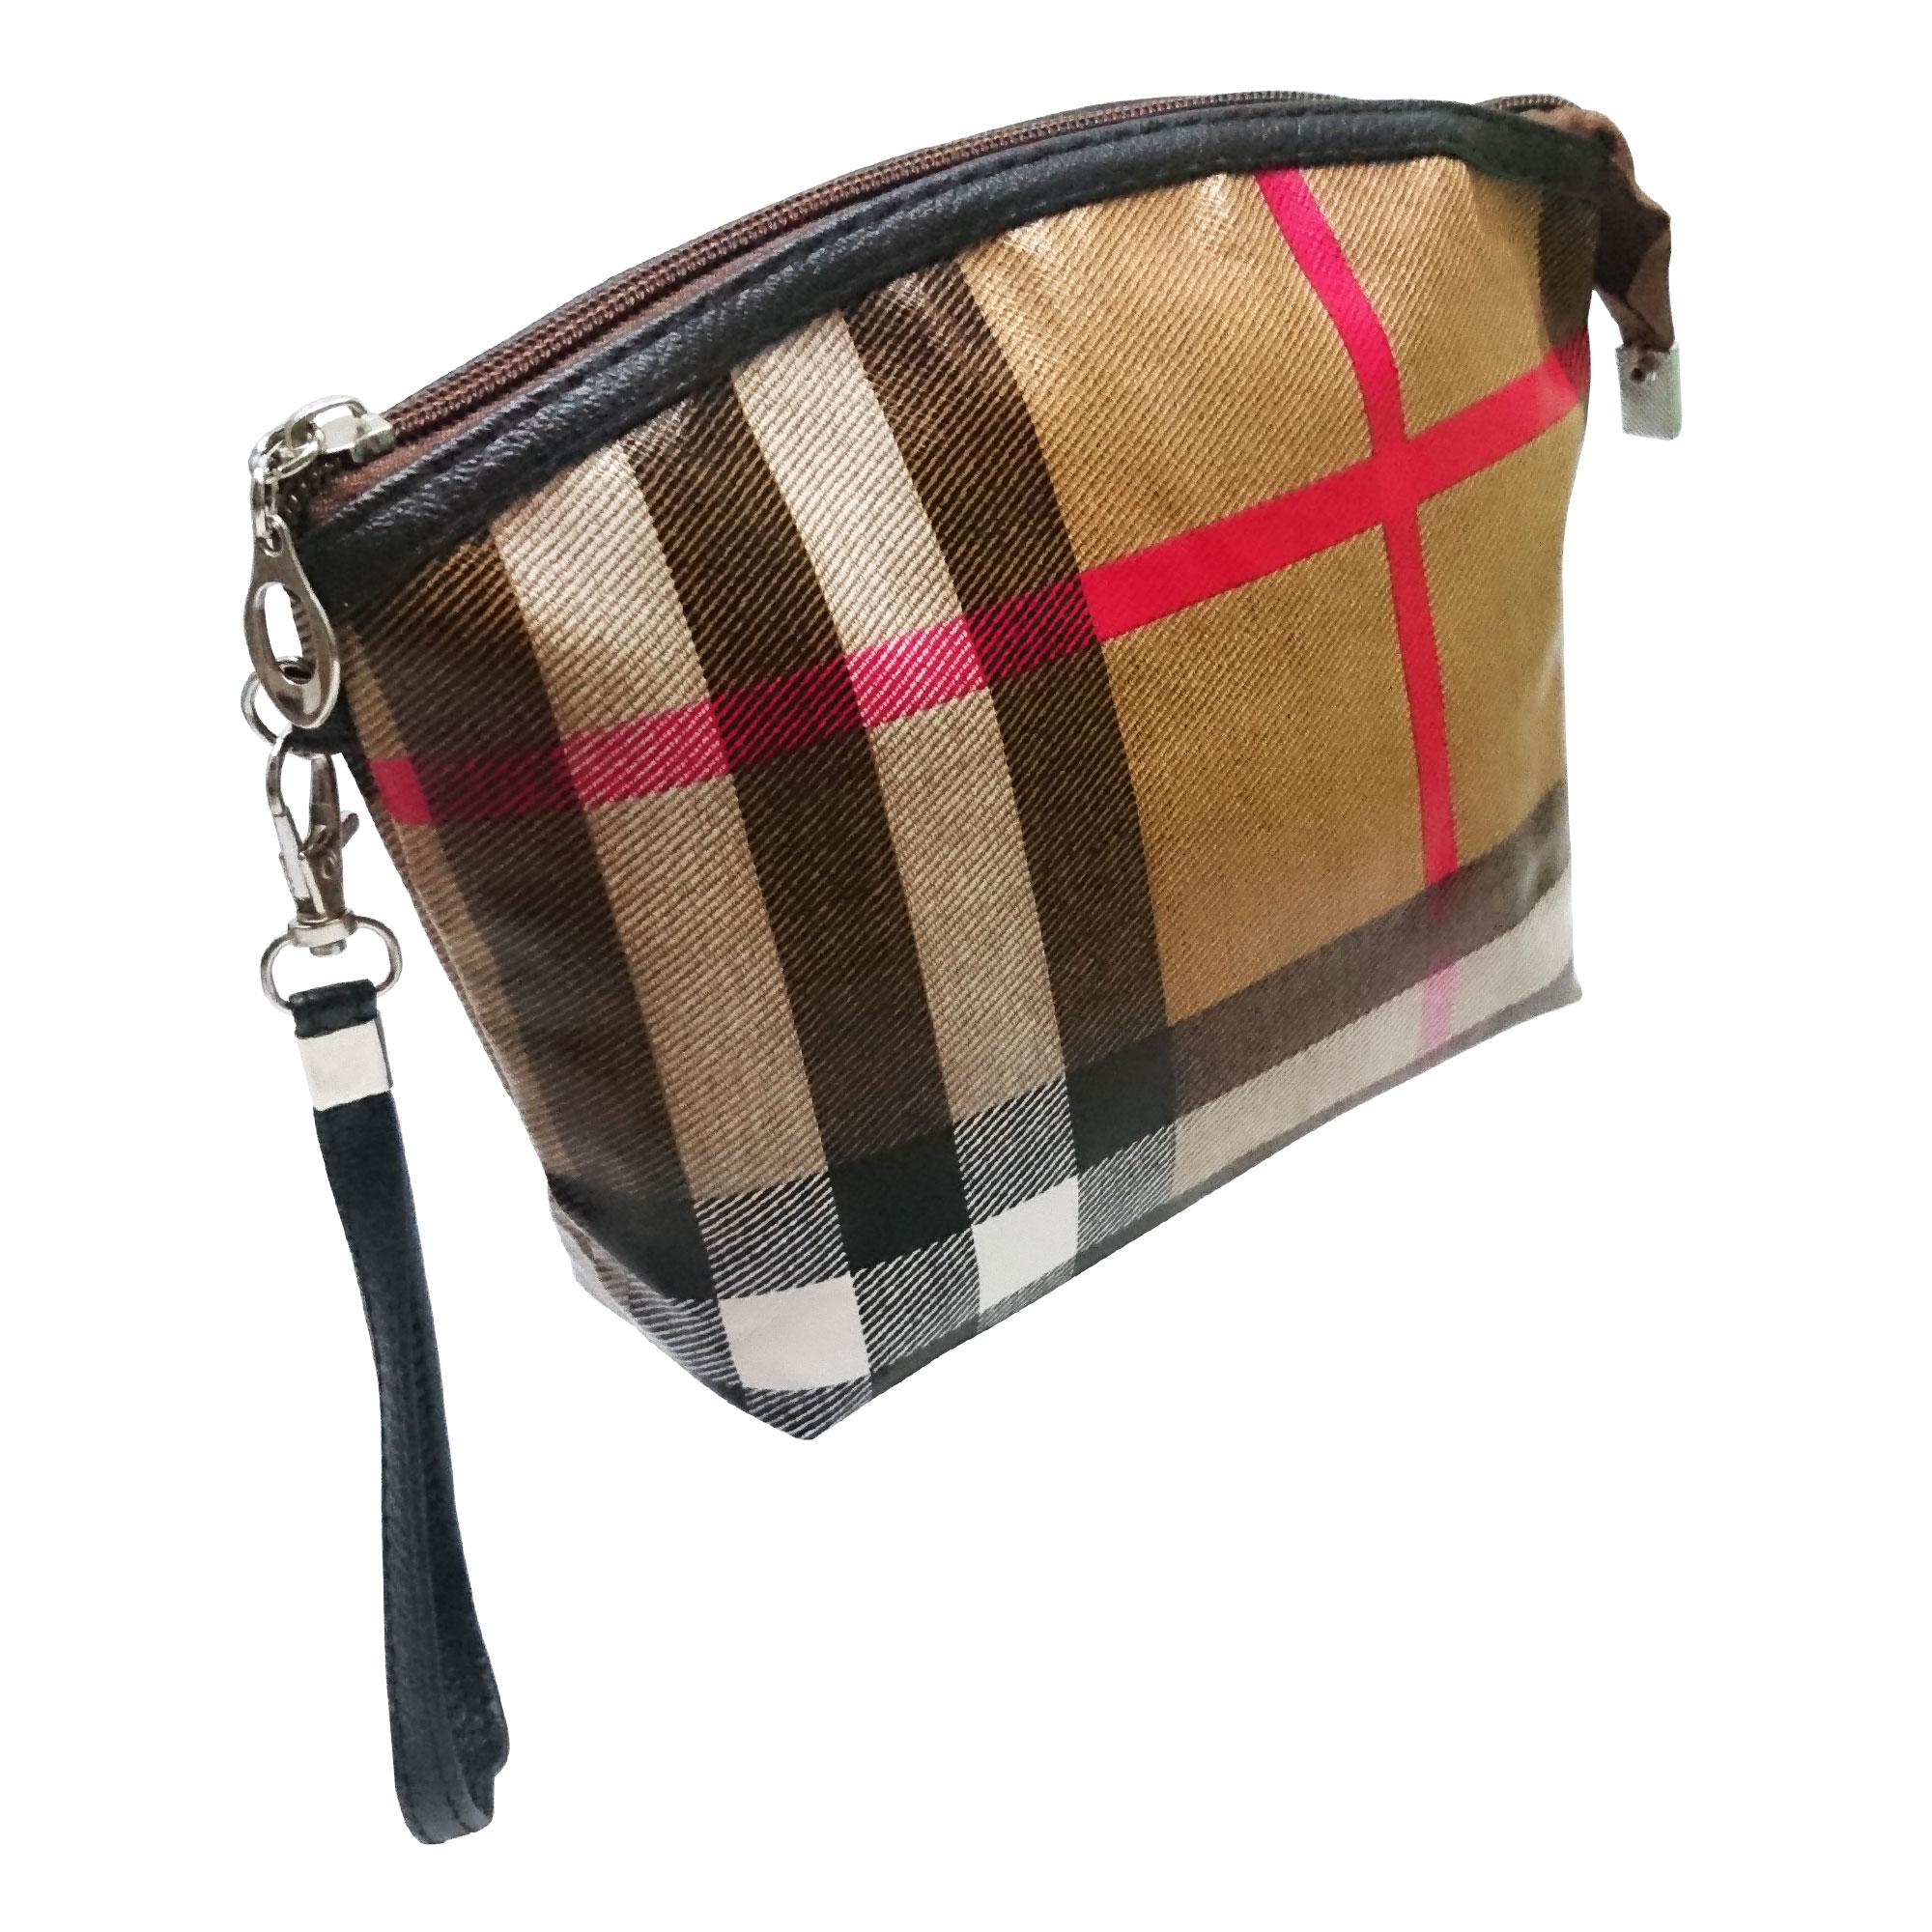 کیف لوازم آرایشی مدل BUR